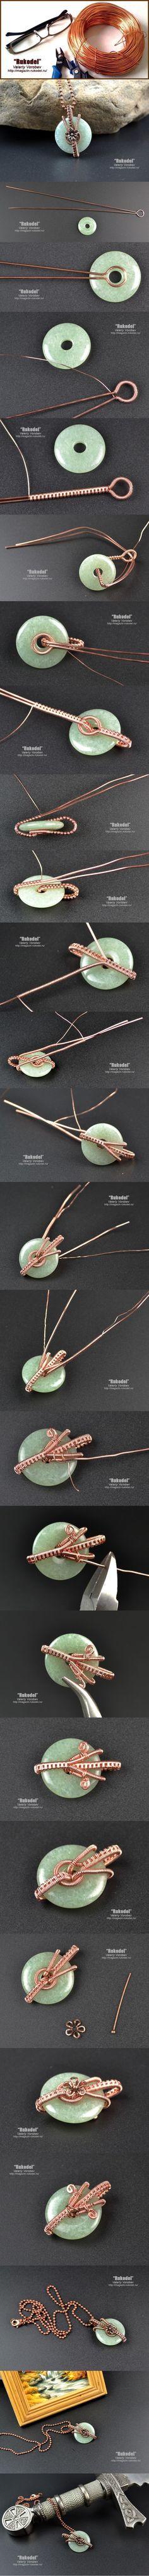 Украшения из натуральных камней. | Рукодел. Wire Wrap Pendant